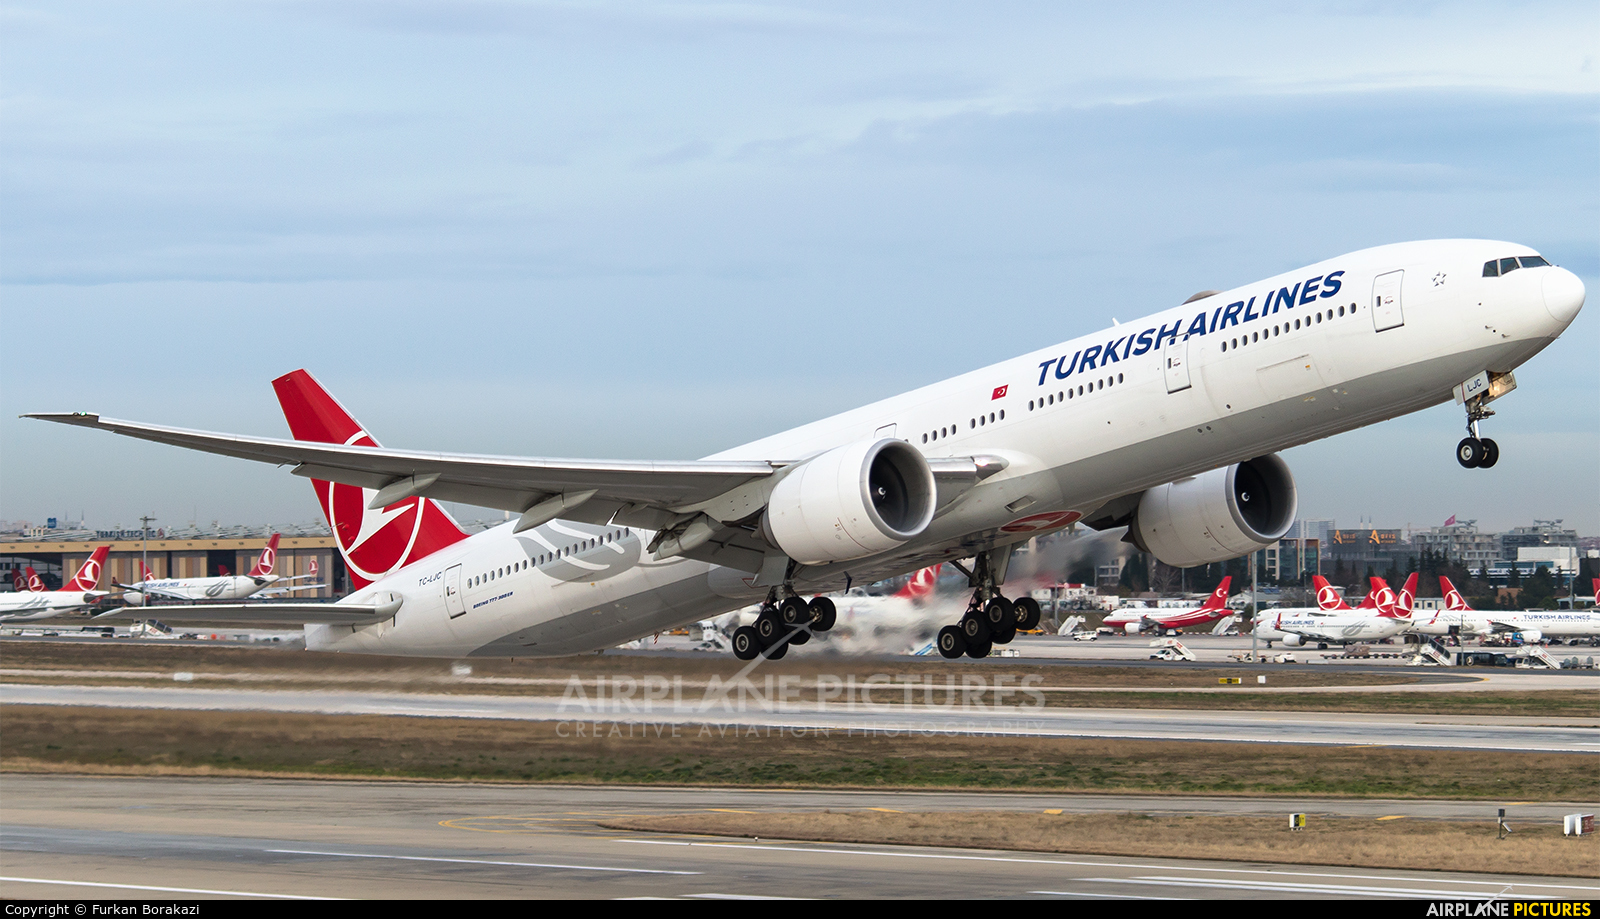 Turkish Airlines TC-LJC aircraft at Istanbul - Ataturk